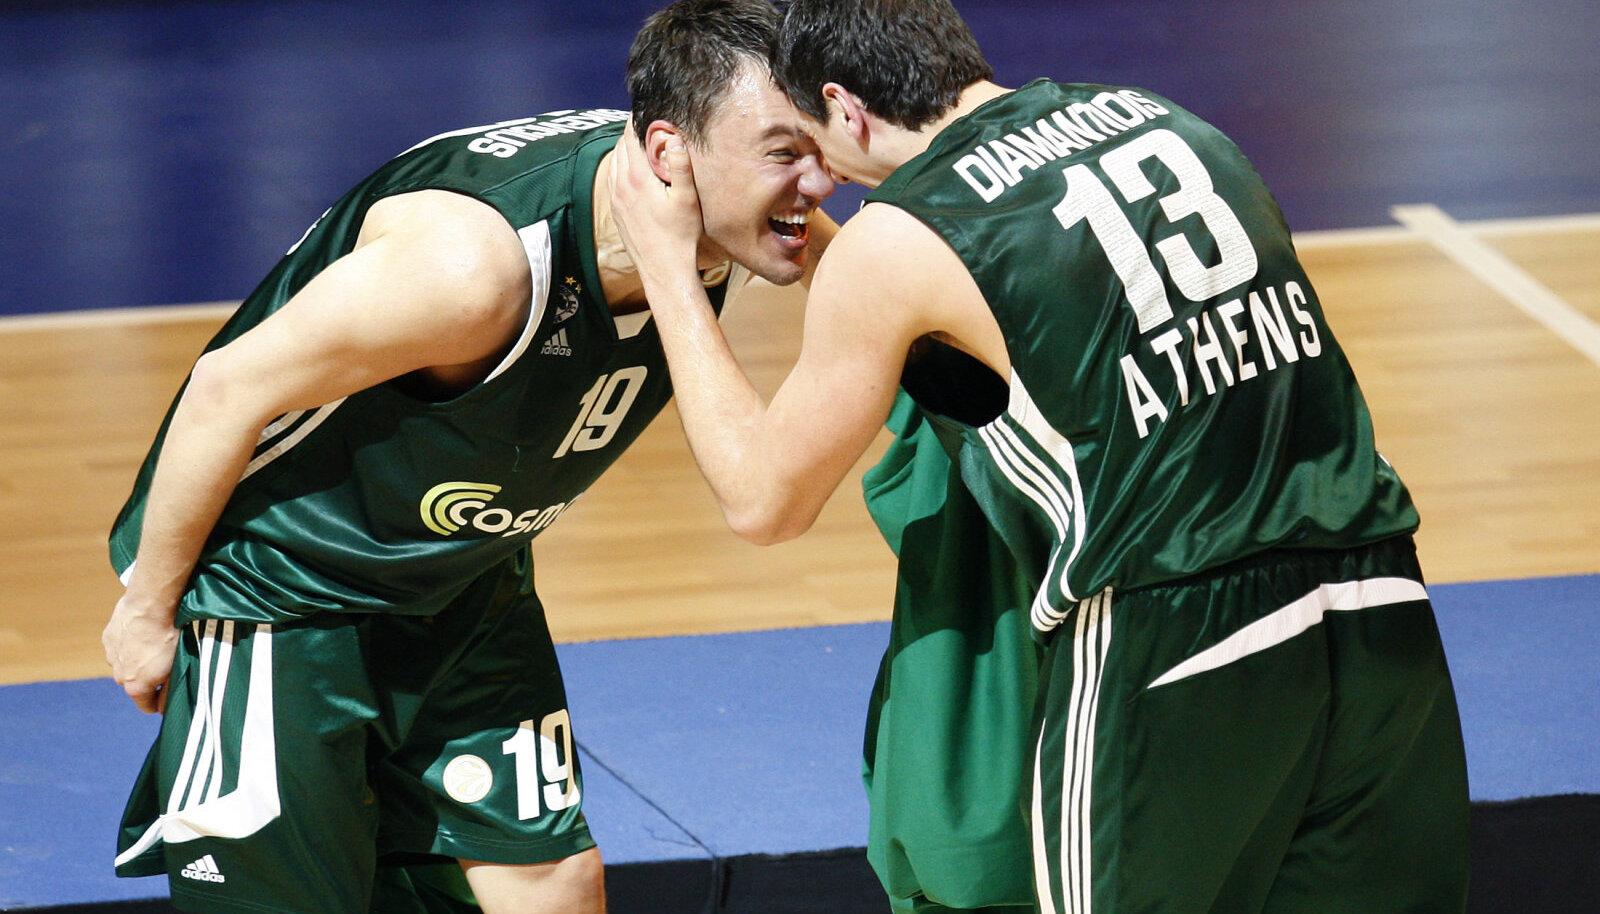 Šarunas Jasikevicius (vasakul) ja Dimitris Diamantidis pärast 2009. aasta Euroliiga tiitli võitmist.